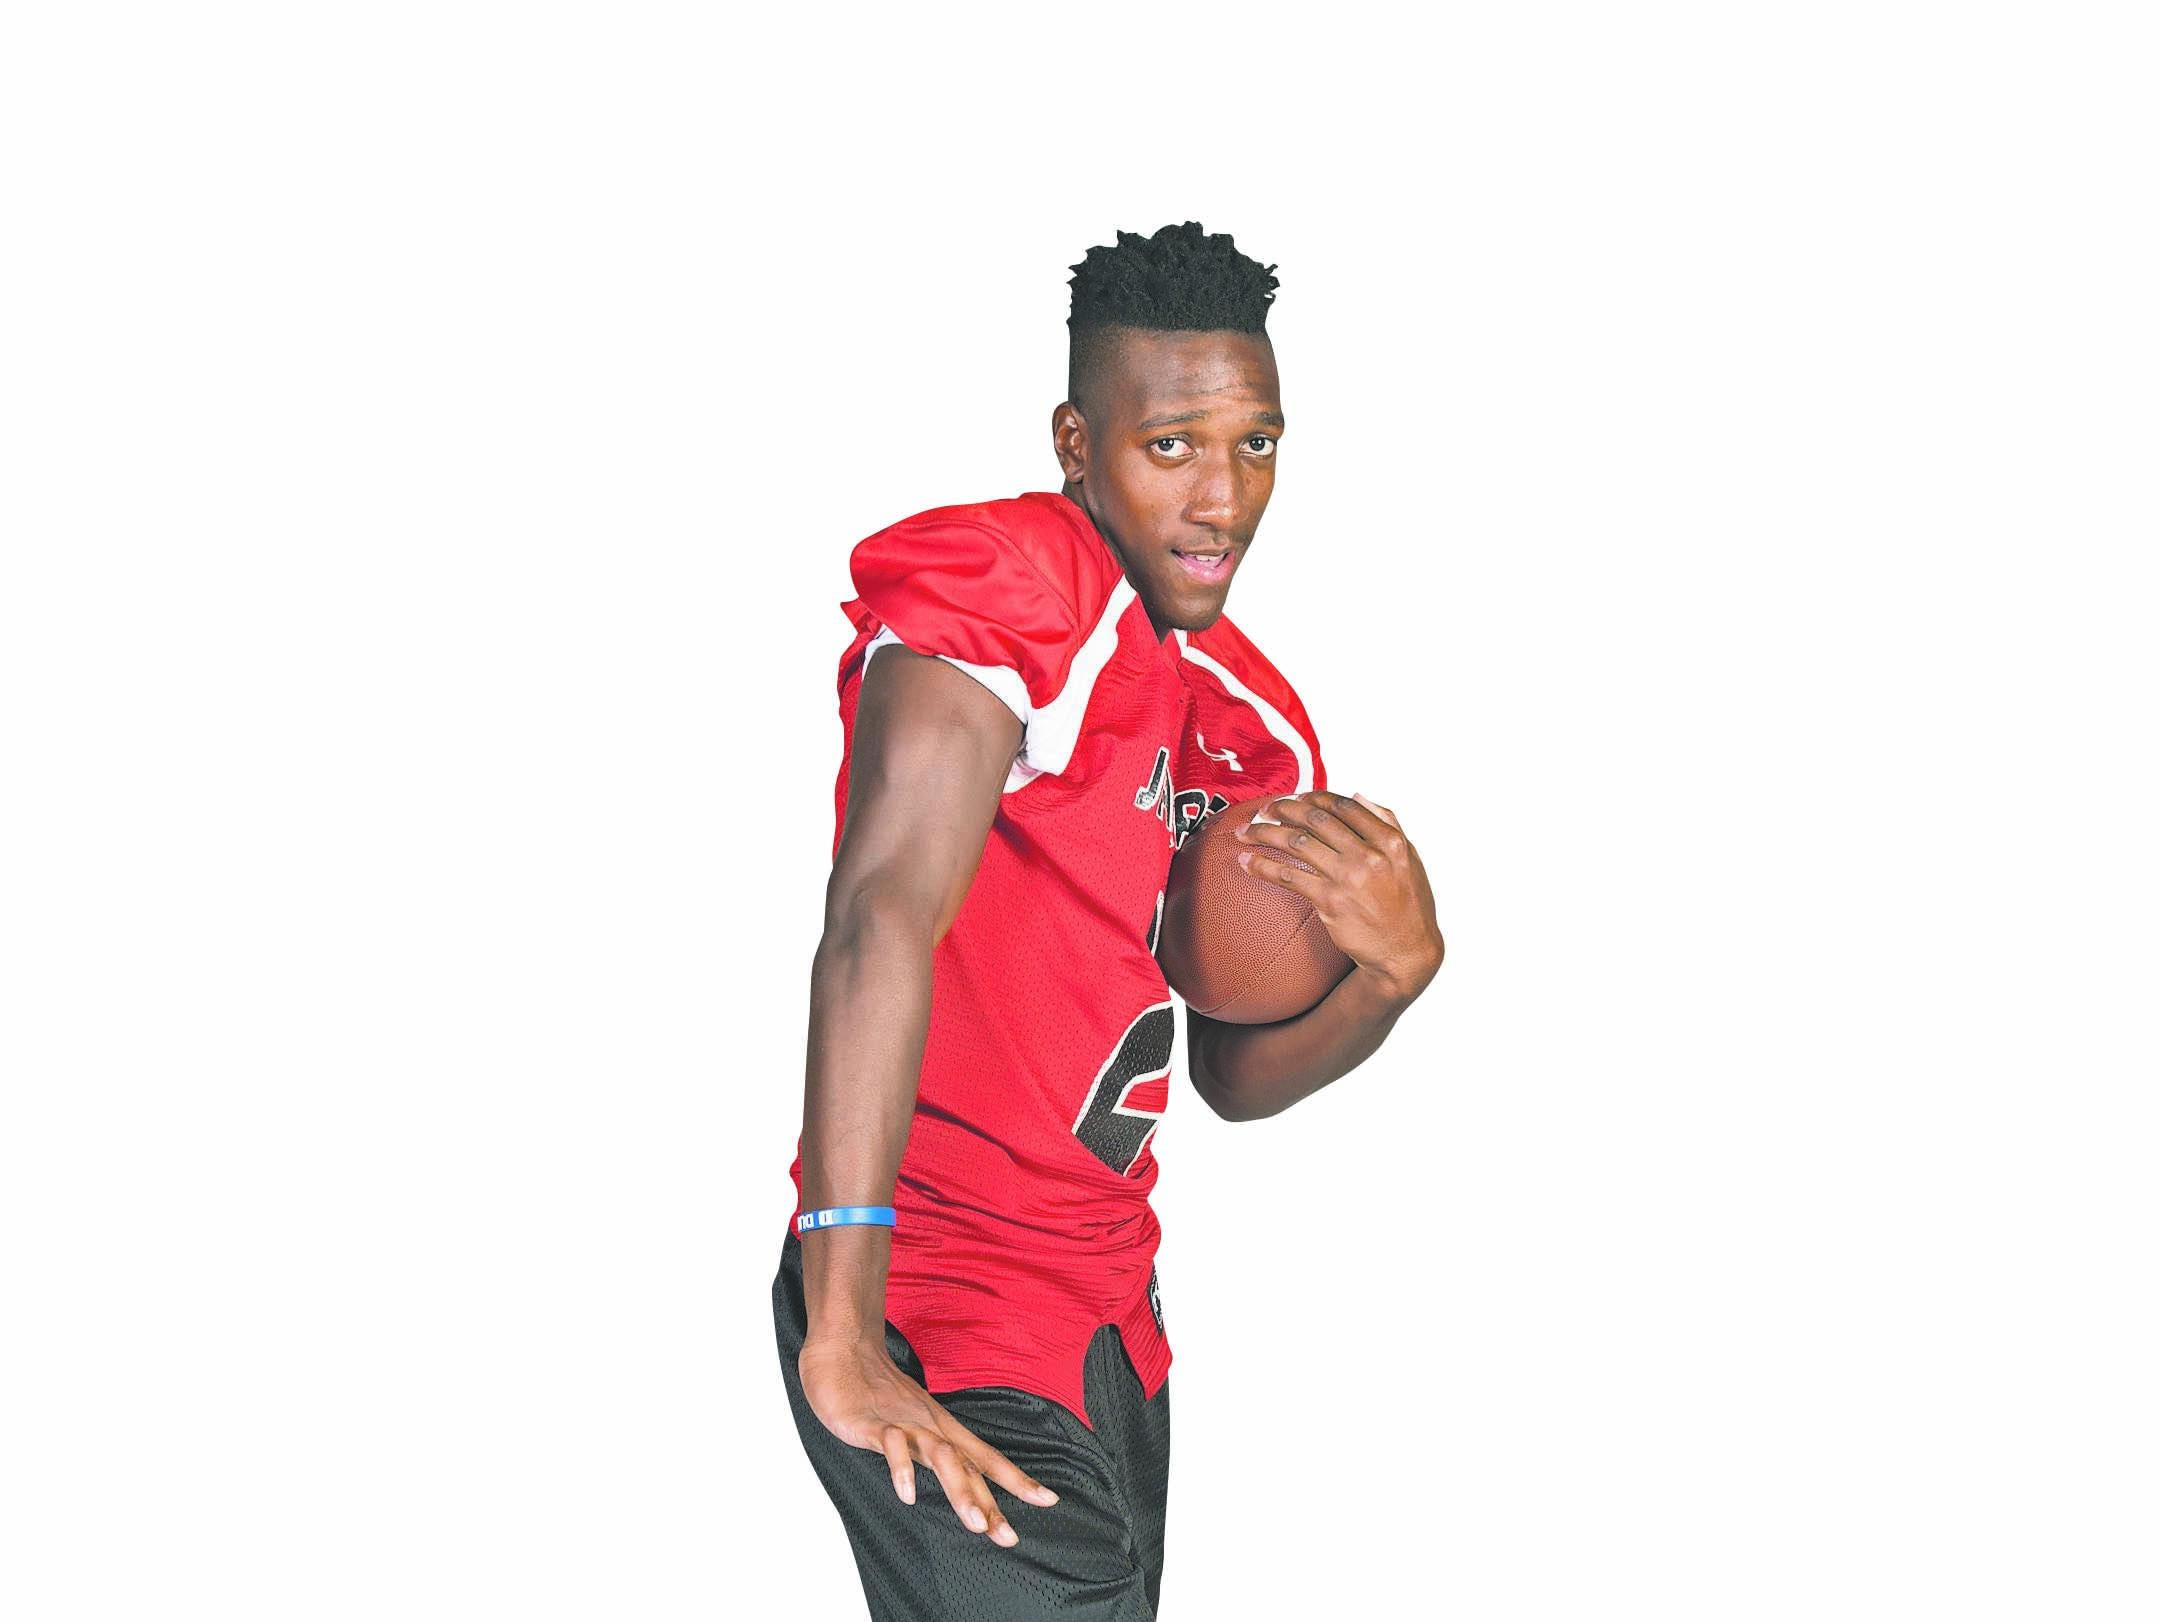 West Florida wide receiver Damond Johnson